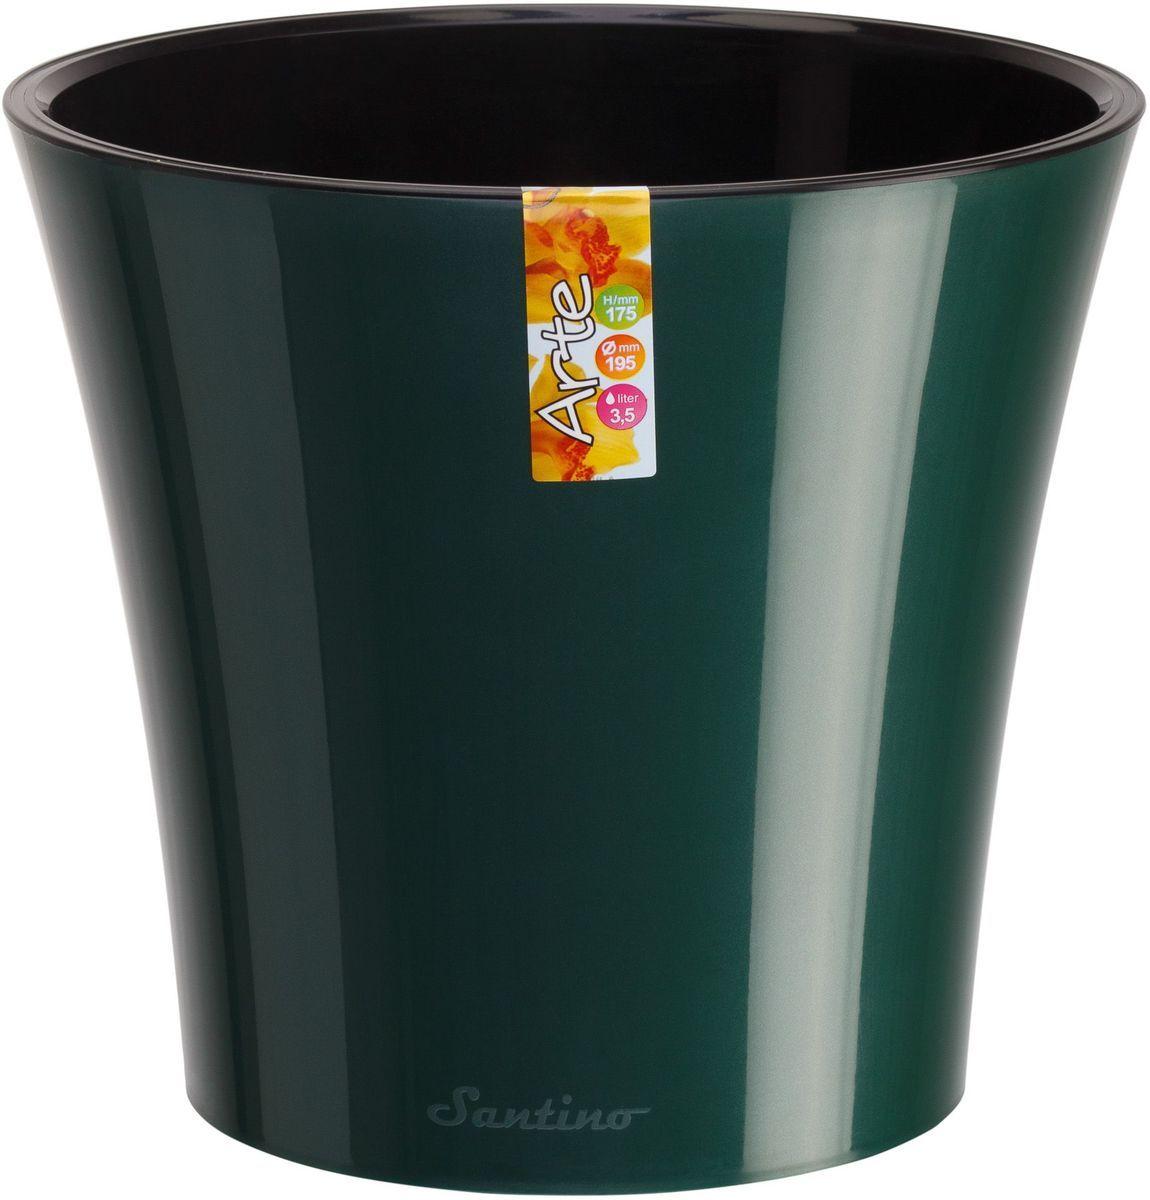 Горшок цветочный Santino Арте, двойной, с системой автополива, цвет: зеленый, черный, 5 л531-402Любой, даже самый современный и продуманный интерьер будет незавершённым без растений. Они не только очищают воздух и насыщают его кислородом, но и украшают окружающее пространство. Такому полезному члену семьи просто необходим красивый и функциональный дом! Мы предлагаем #name#! Оптимальный выбор материала — пластмасса! Почему мы так считаем?Малый вес. С лёгкостью переносите горшки и кашпо с места на место, ставьте их на столики или полки, не беспокоясь о нагрузке. Простота ухода. Кашпо не нуждается в специальных условиях хранения. Его легко чистить — достаточно просто сполоснуть тёплой водой. Никаких потёртостей. Такие кашпо не царапают и не загрязняют поверхности, на которых стоят. Пластик дольше хранит влагу, а значит, растение реже нуждается в поливе. Пластмасса не пропускает воздух — корневой системе растения не грозят резкие перепады температур. Огромный выбор форм, декора и расцветок — вы без труда найдёте что-то, что идеально впишется в уже существующий интерьер. Соблюдая нехитрые правила ухода, вы можете заметно продлить срок службы горшков и кашпо из пластика:всегда учитывайте размер кроны и корневой системы (при разрастании большое растение способно повредить маленький горшок)берегите изделие от воздействия прямых солнечных лучей, чтобы горшки не выцветалидержите кашпо из пластика подальше от нагревающихся поверхностей. Создавайте прекрасные цветочные композиции, выращивайте рассаду или необычные растения.